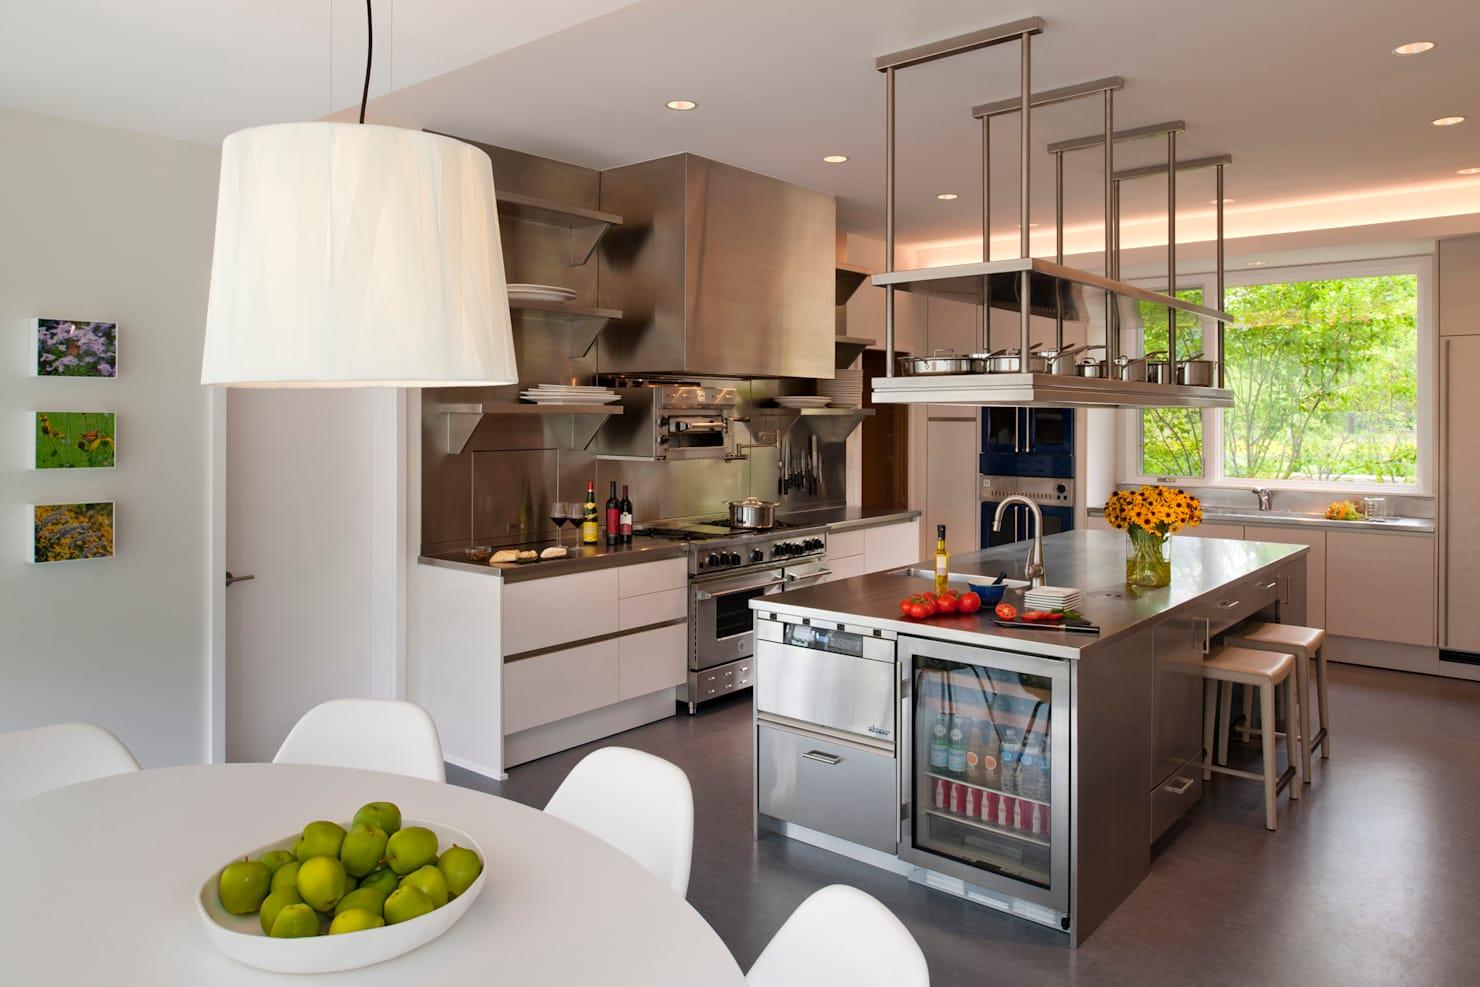 стол остров на кухне интерьер